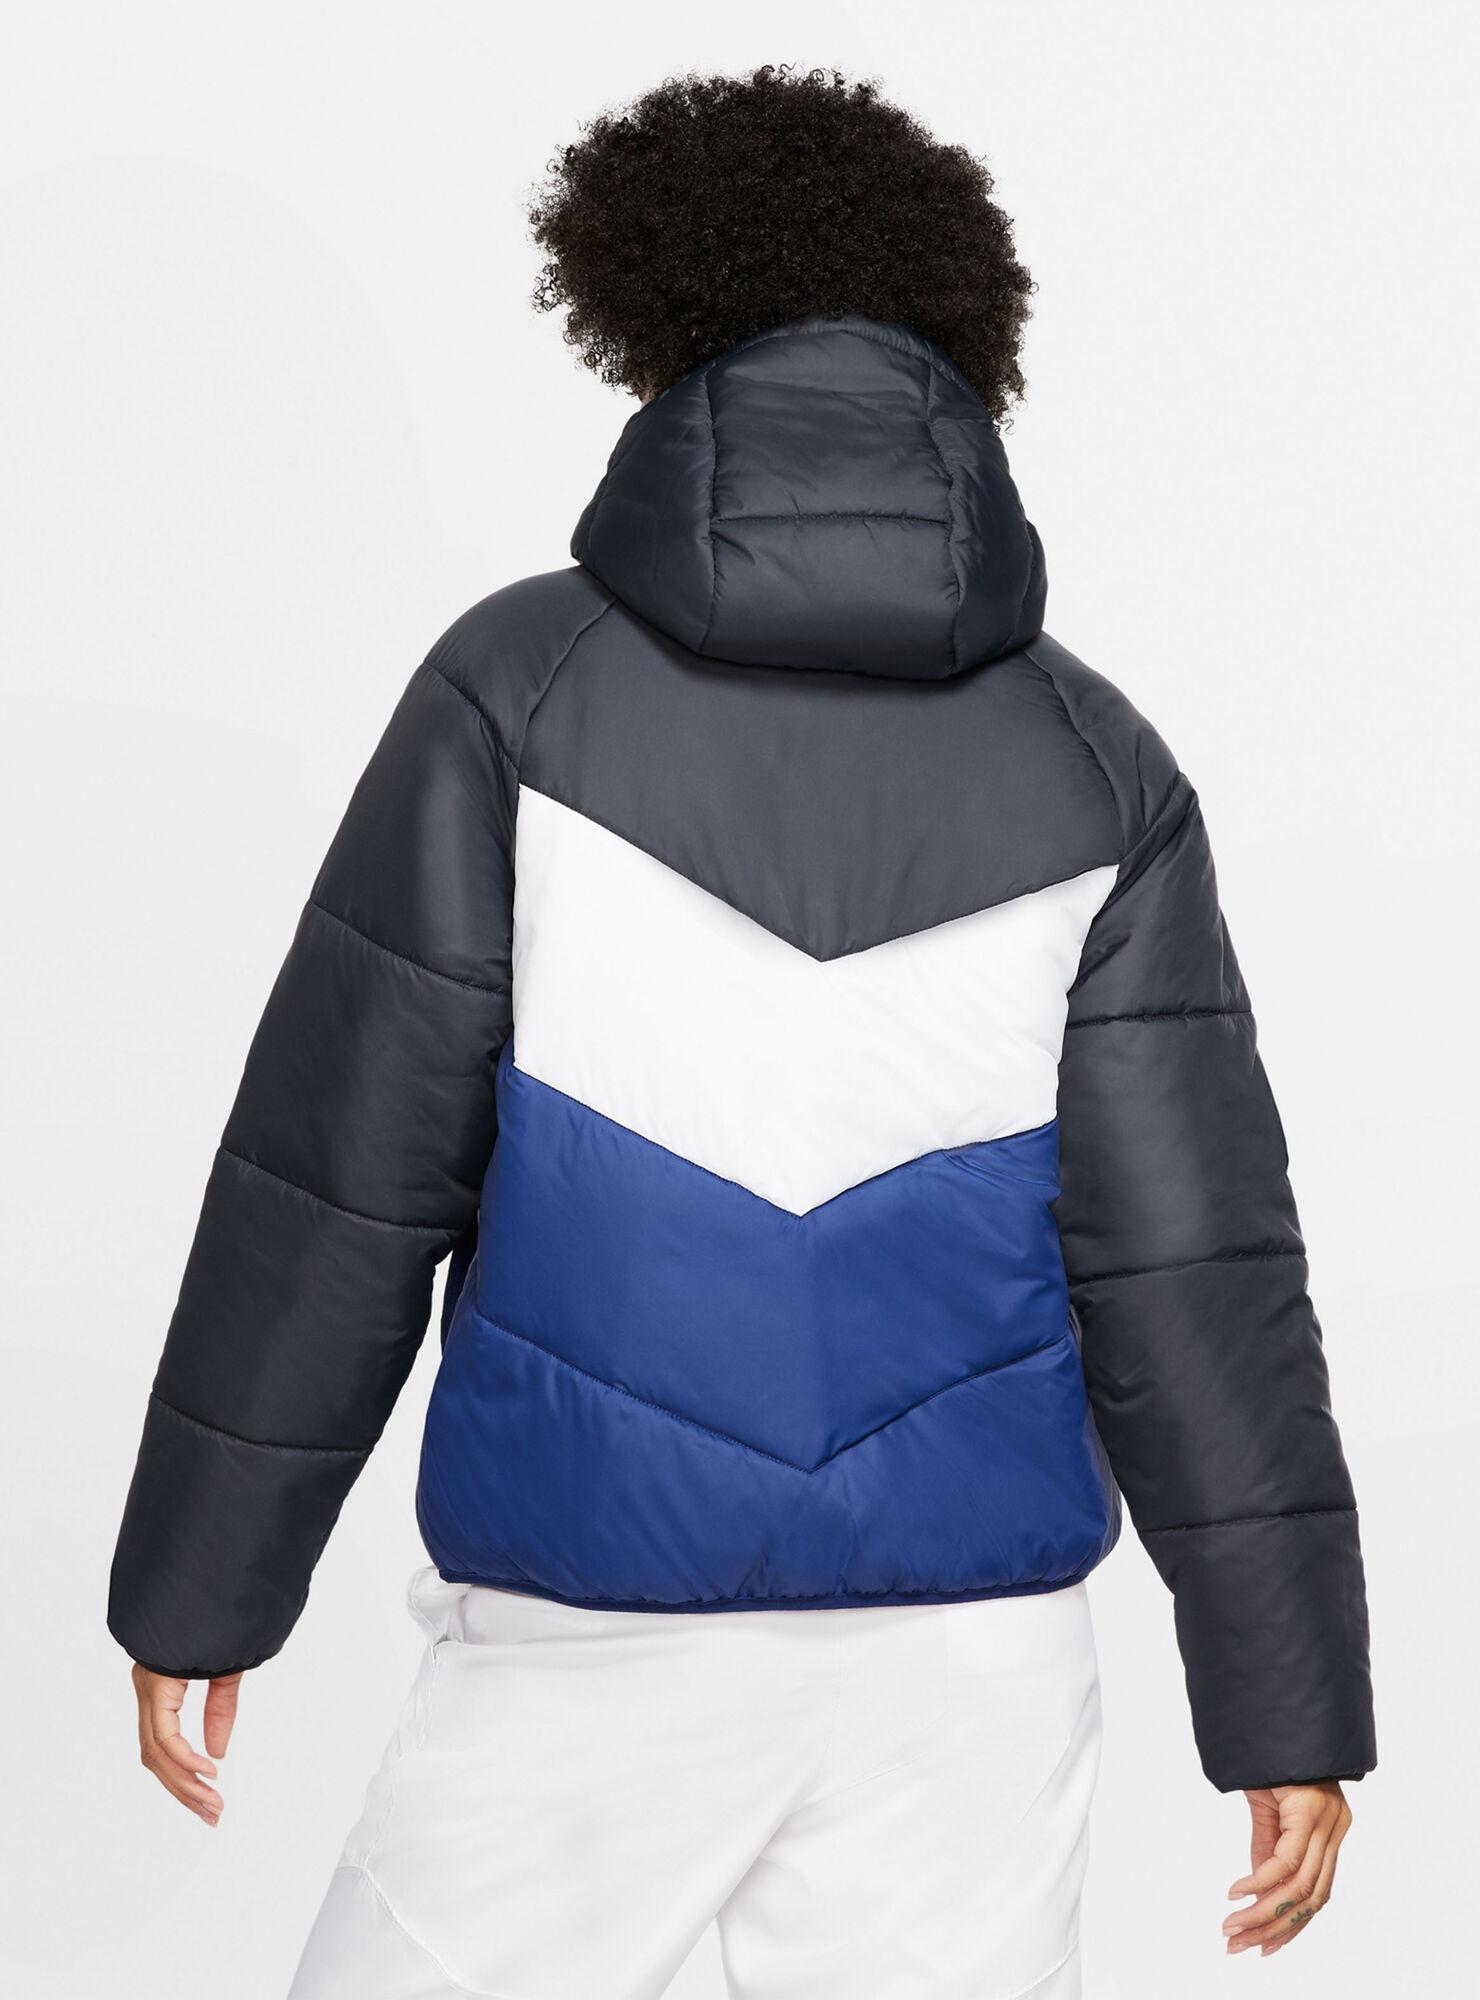 Interpretativo Soberano enlace  Parka Cortaviento Nike Sportswear Windrunner Mujer - Parkas y Chaquetas |  Paris.cl